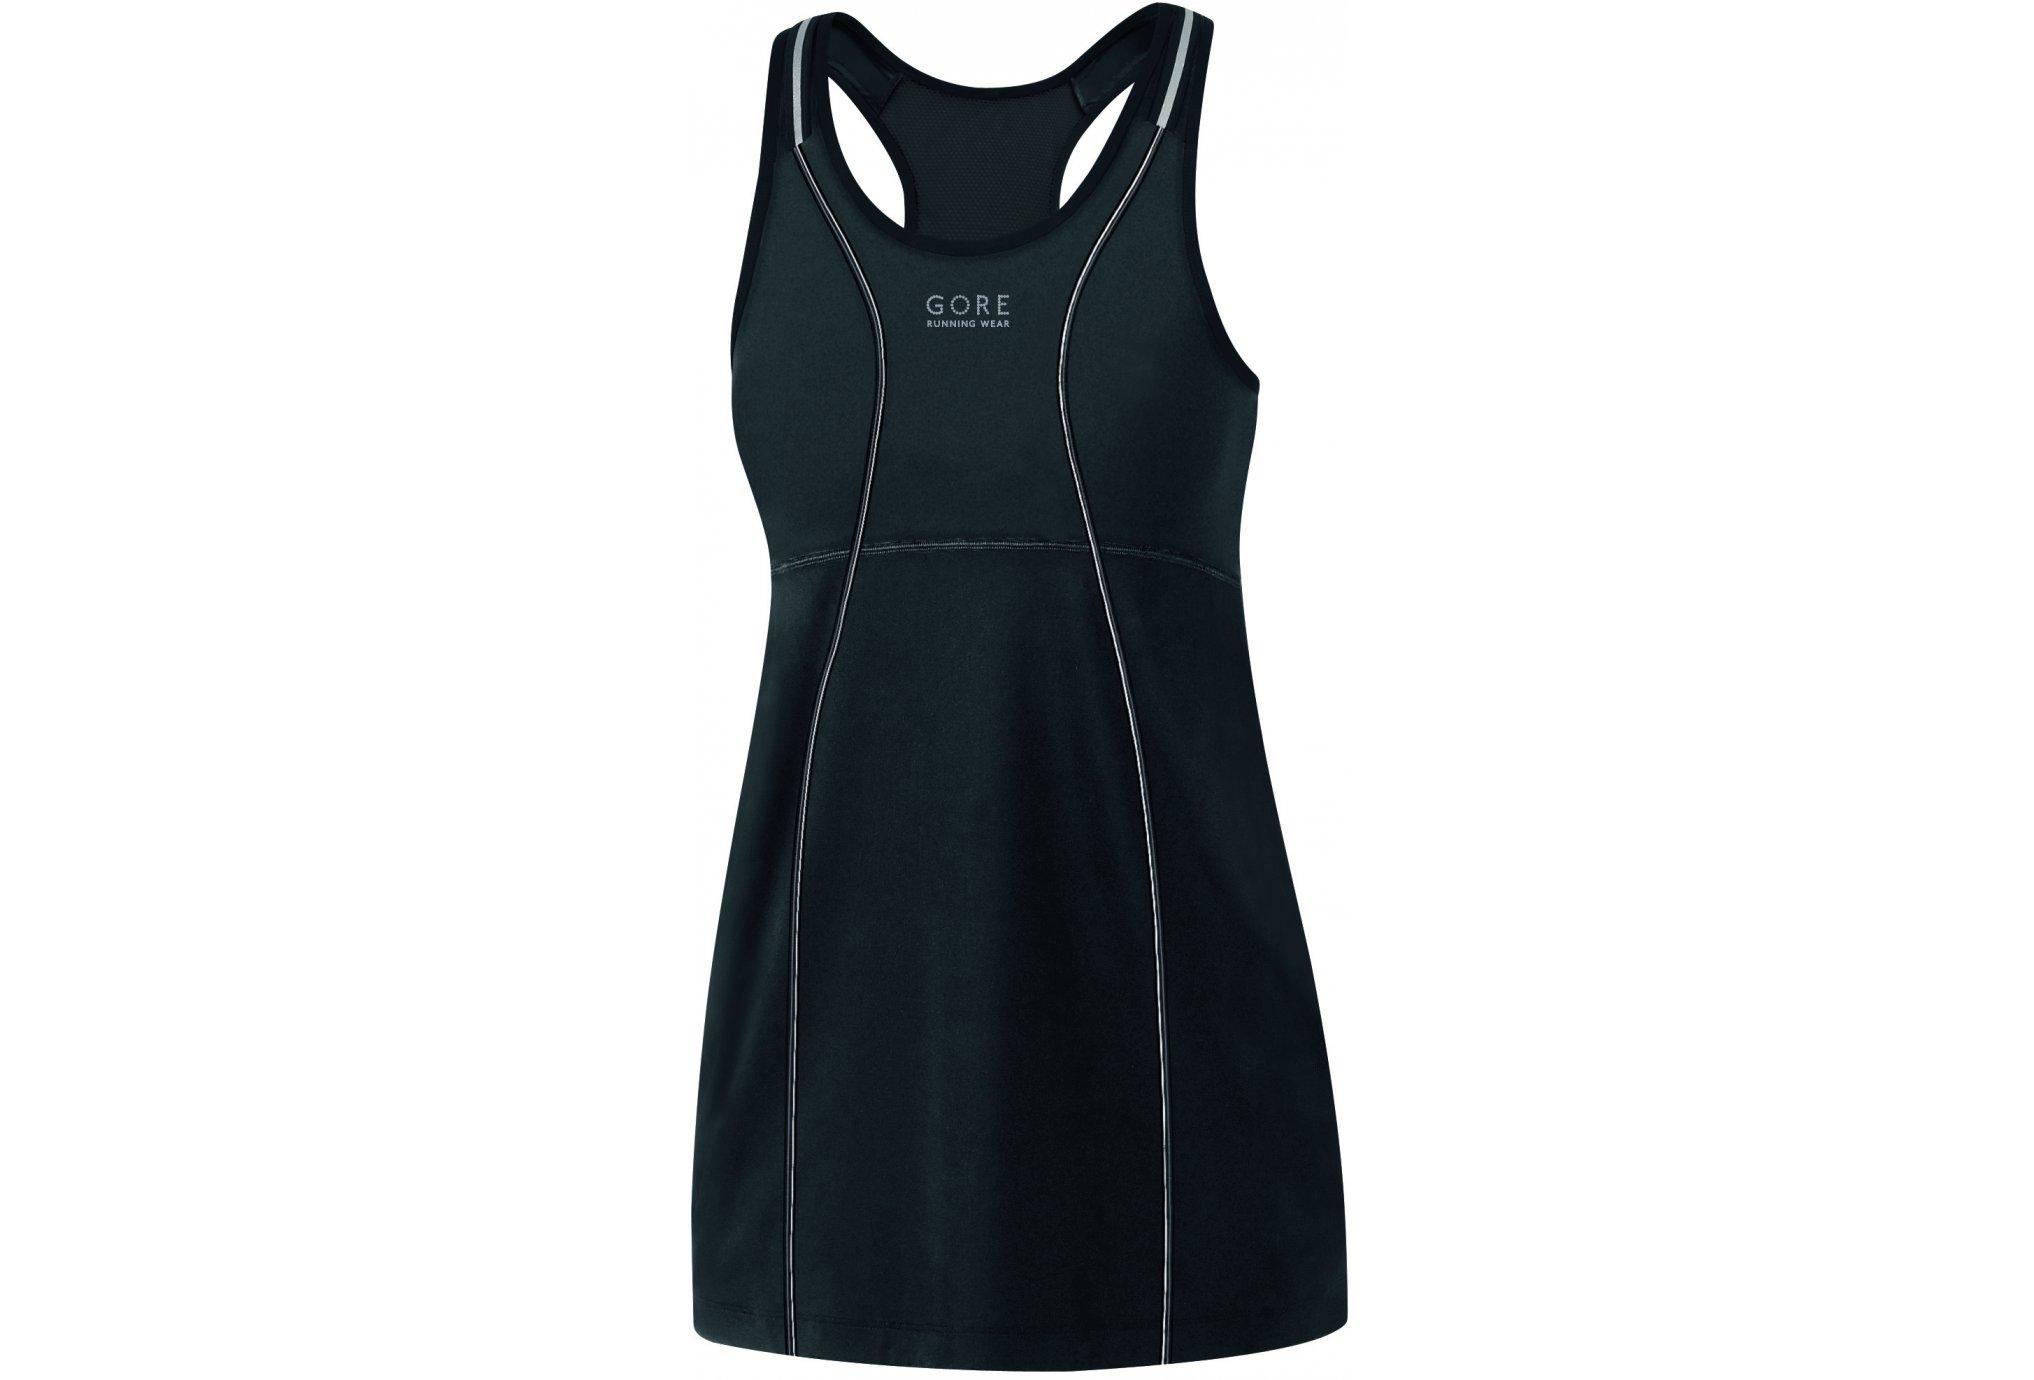 Gore Wear Débardeur Air 2.0 2 en 1 W Diététique Vêtements femme